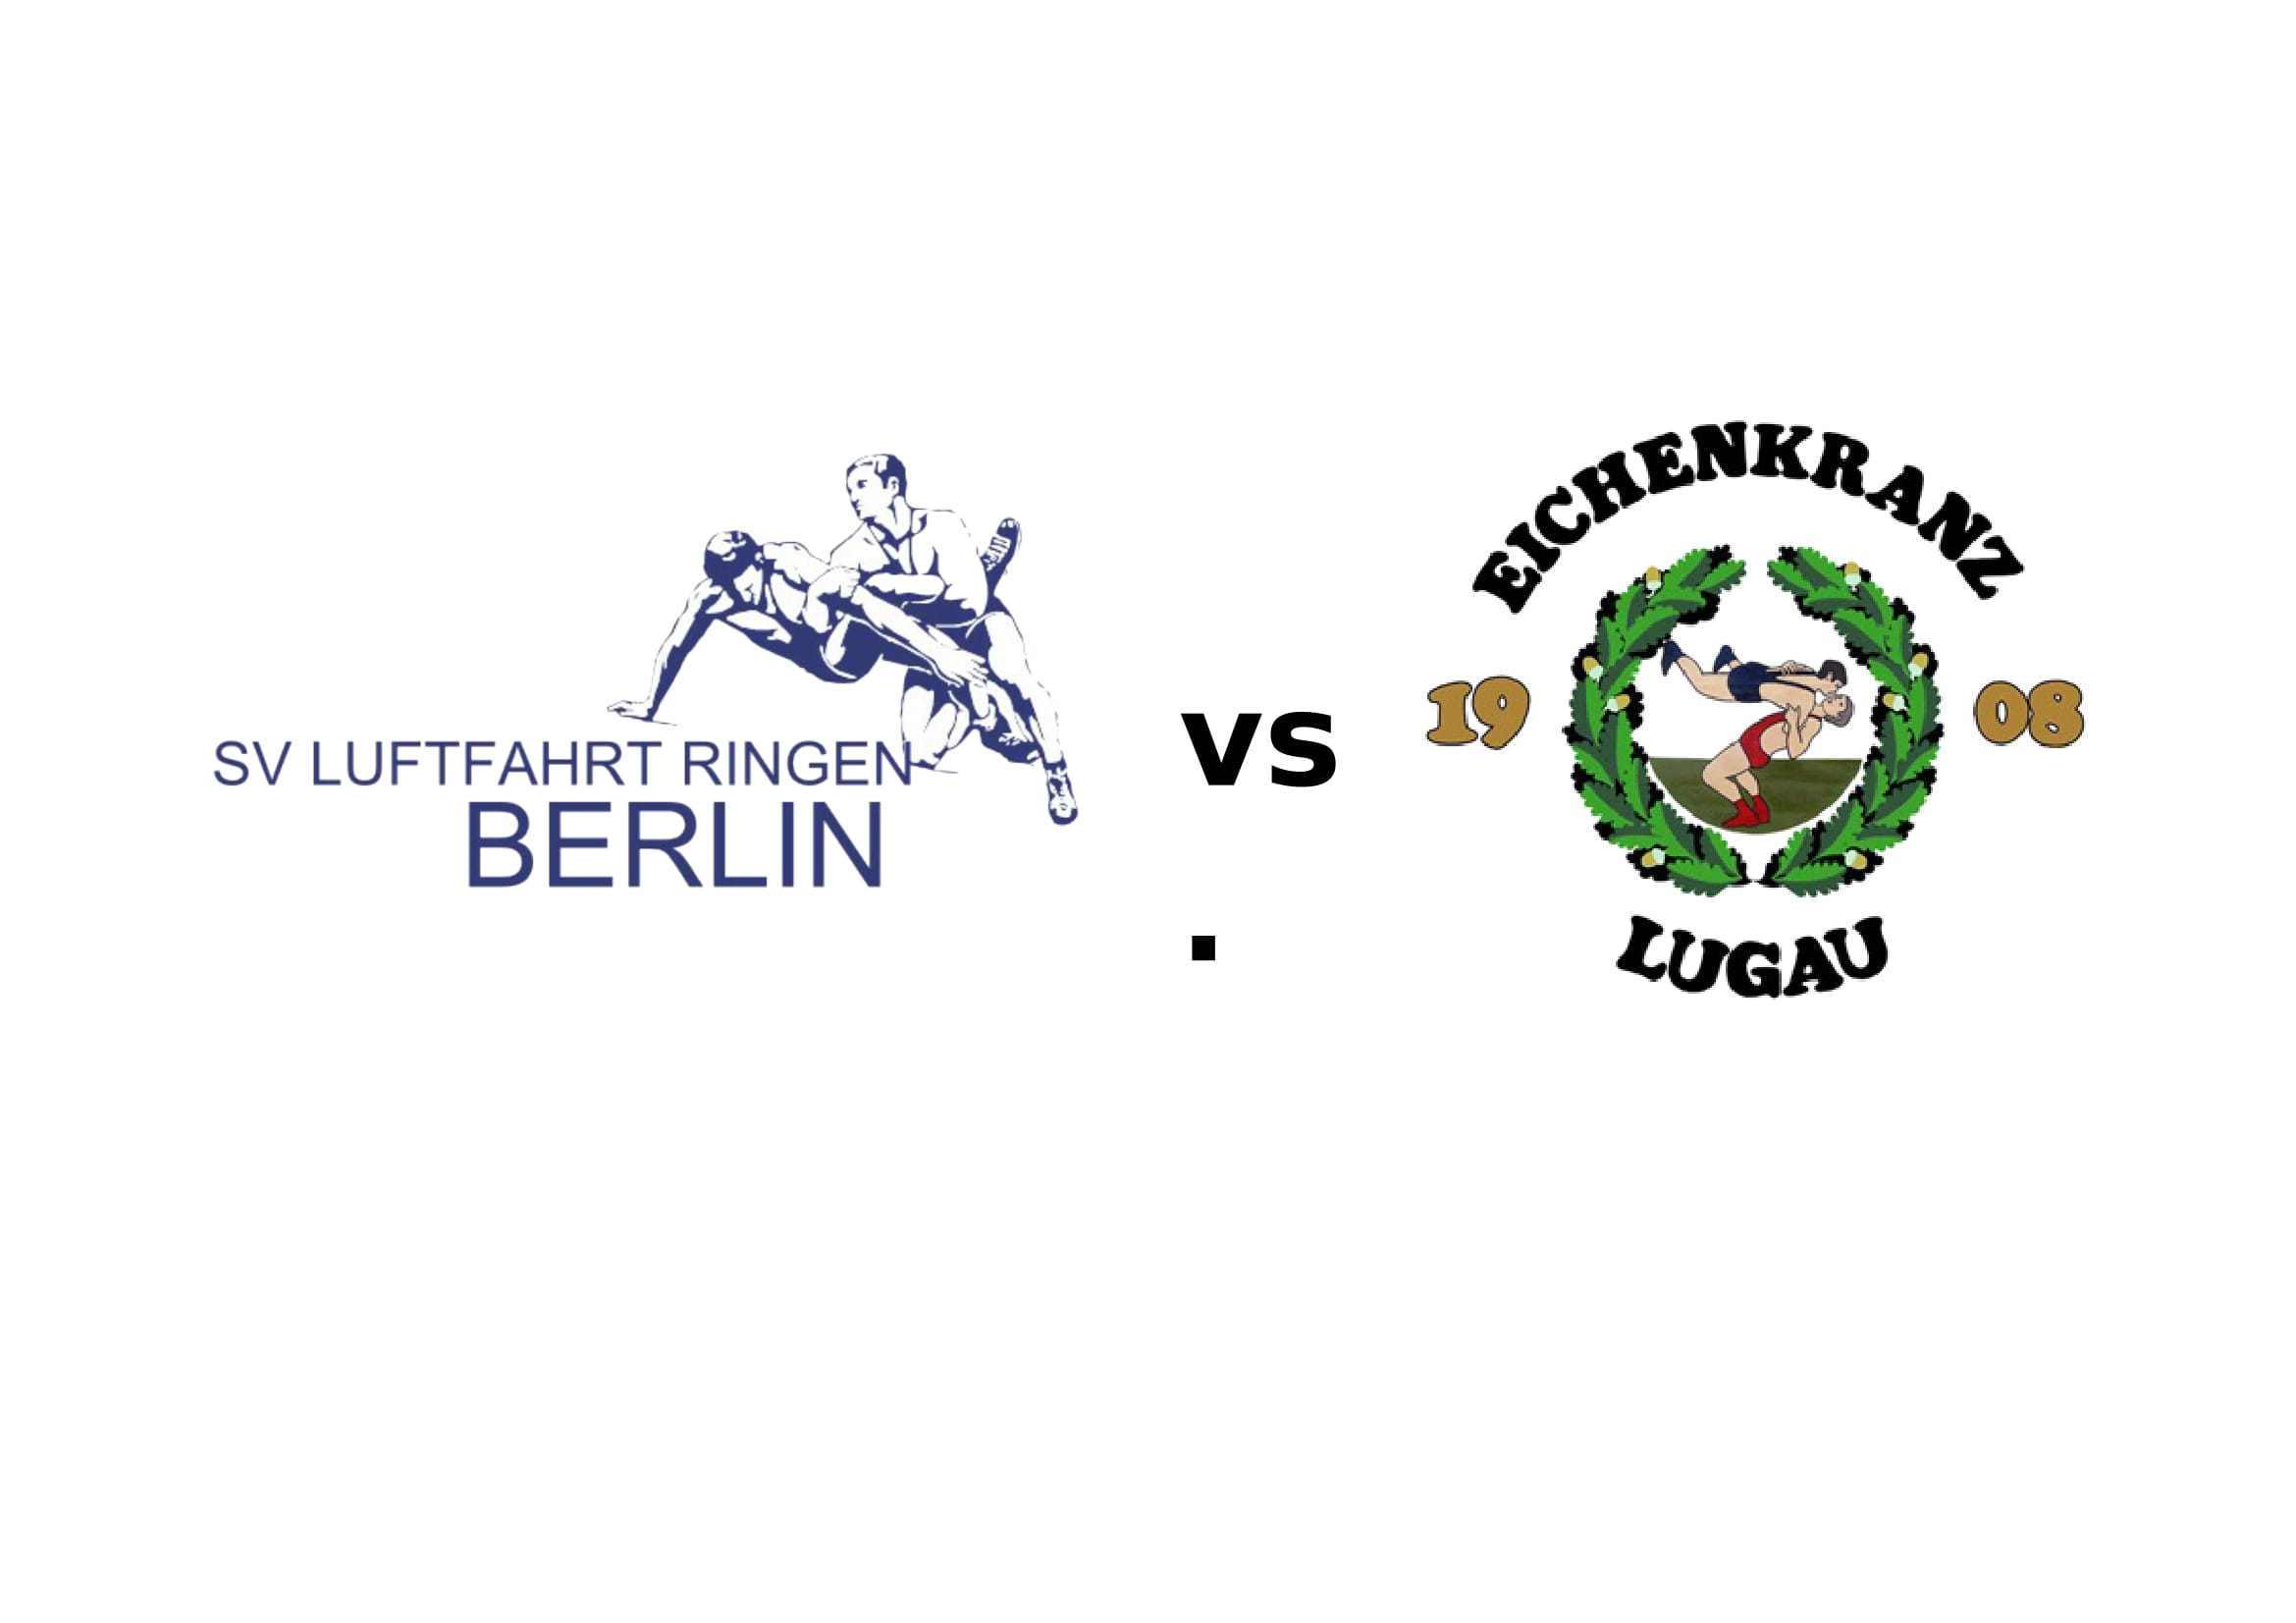 RL-Heimkampf SVL vs. RV Lugau